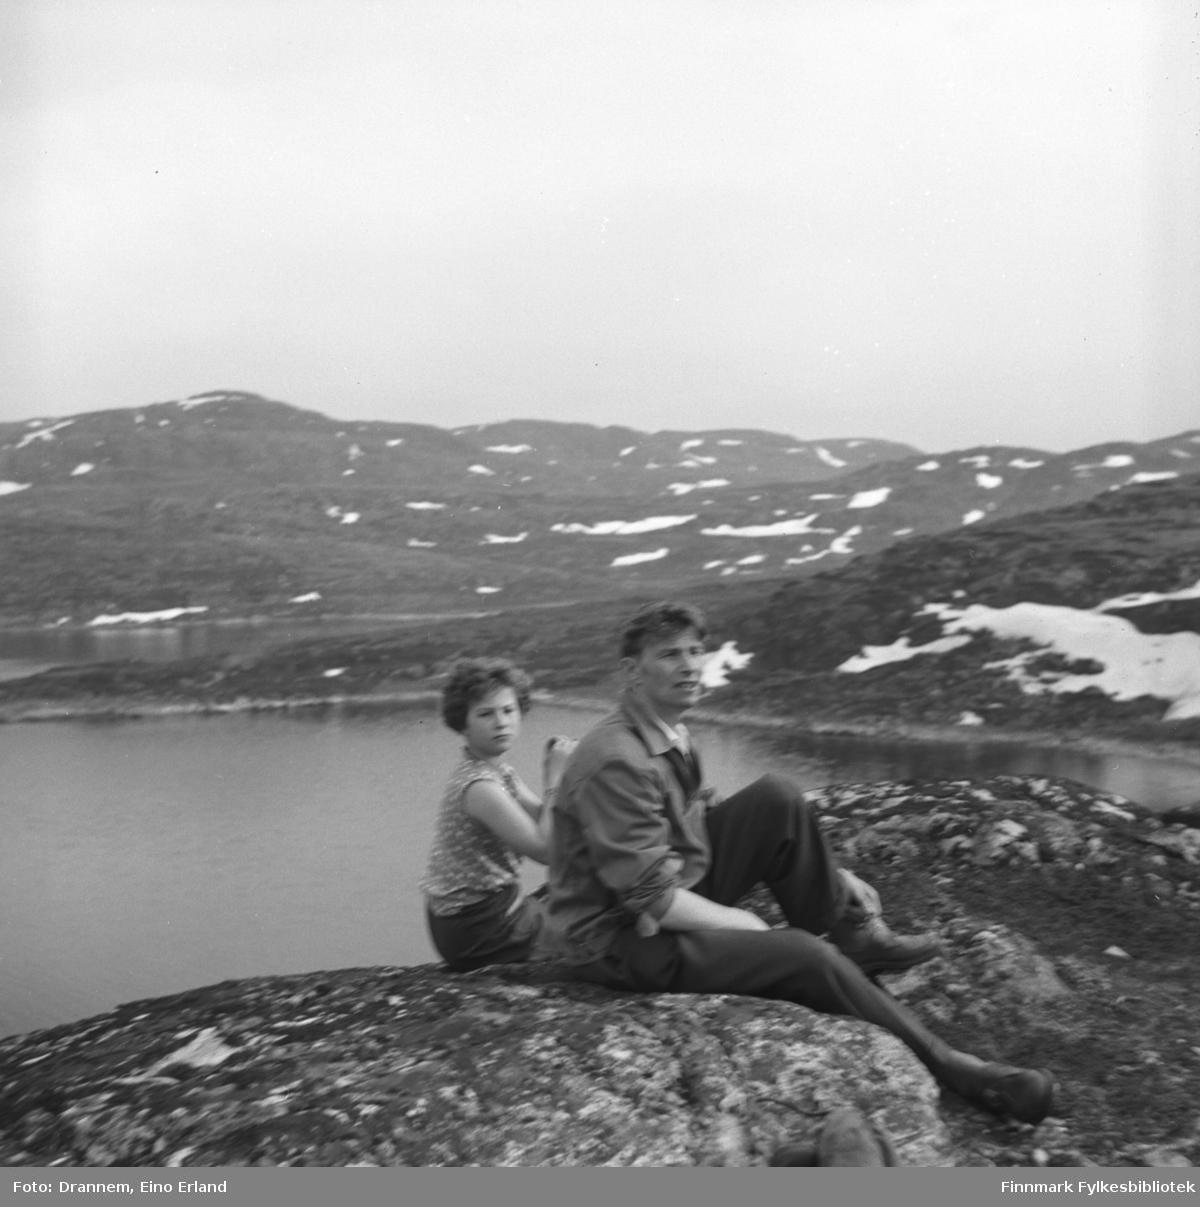 Turid lillian og Eino Drannem på fjelltur i Hammerfest